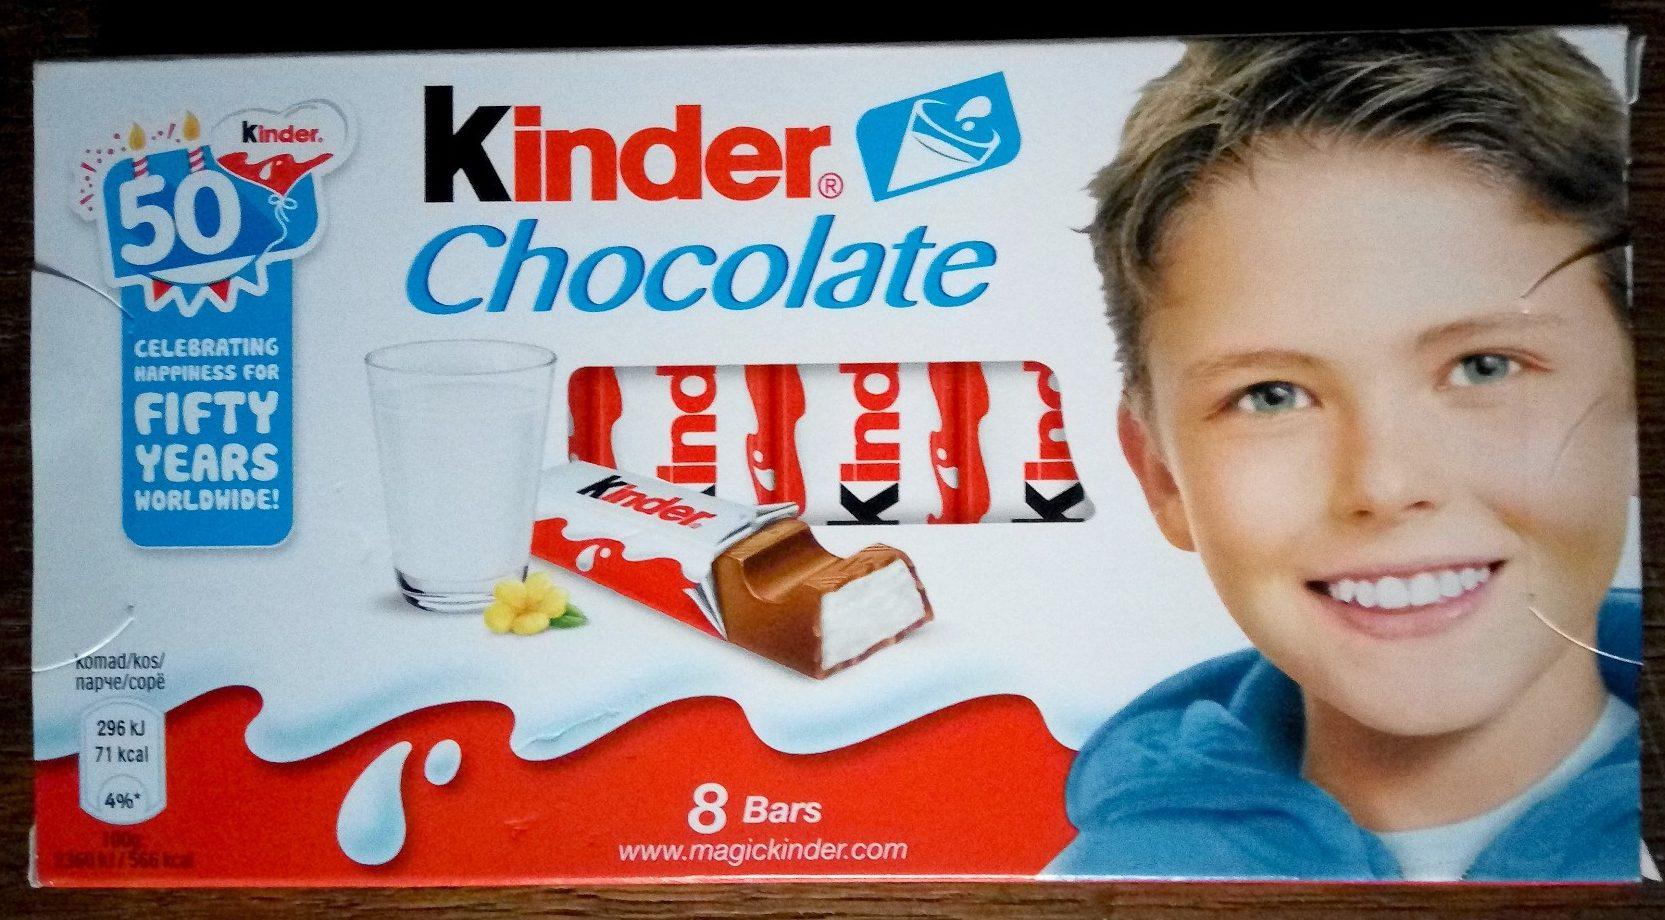 Kinder chocolat - chocolat au lait avec fourrage au lait 8 barres - Производ - sr